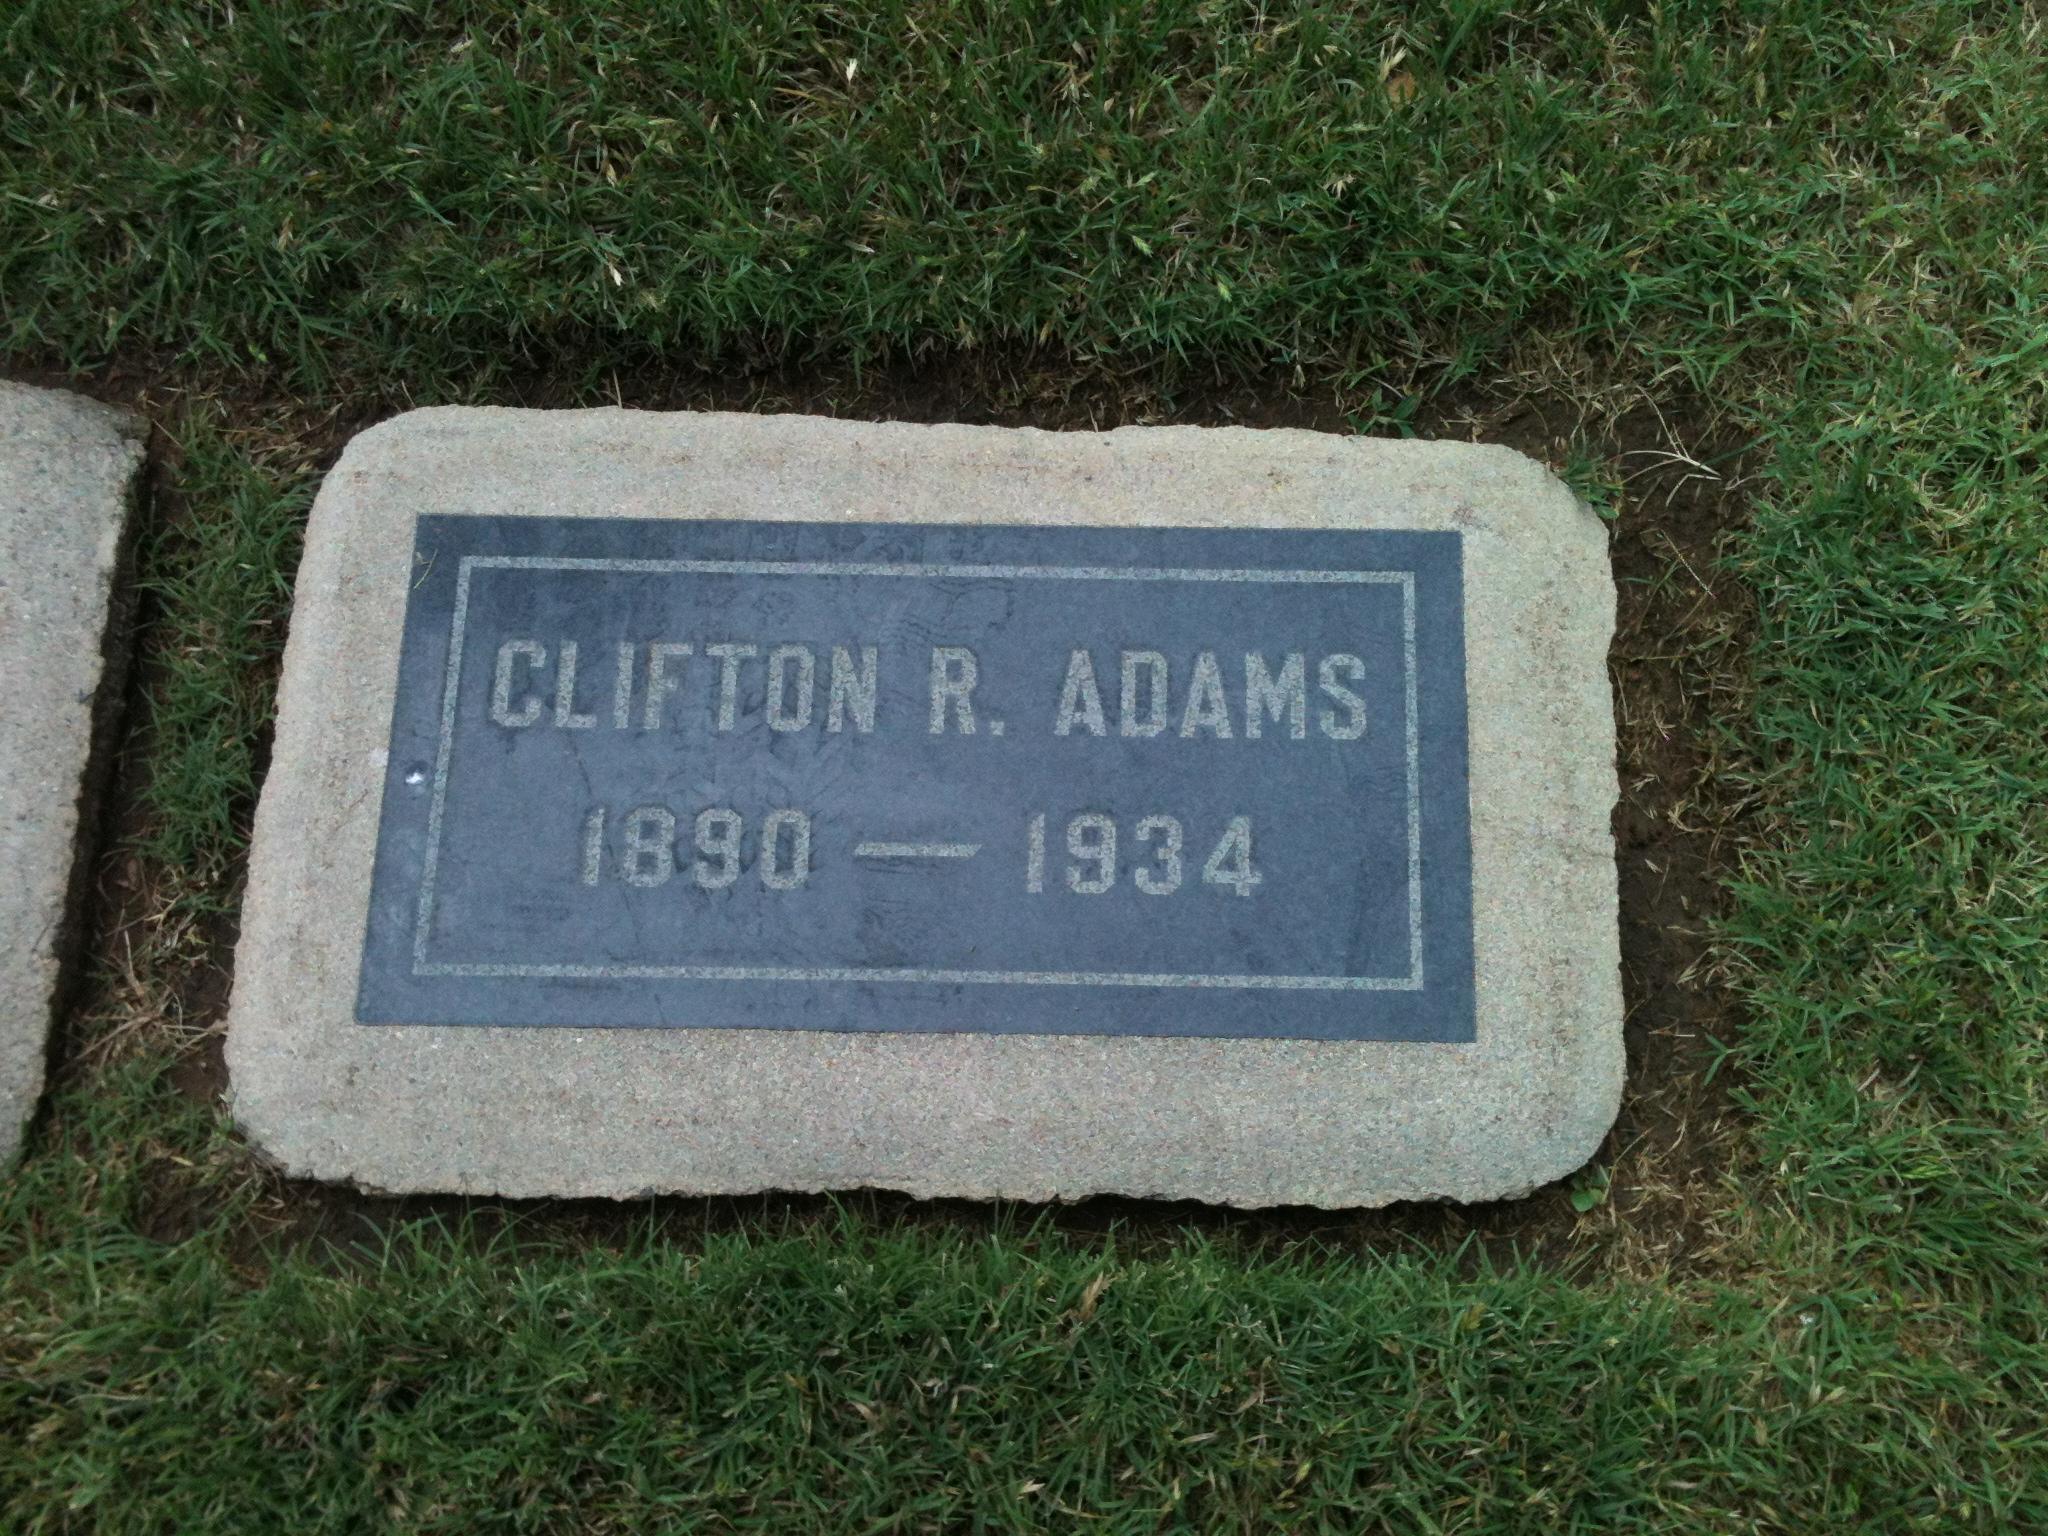 Clifton R Adams